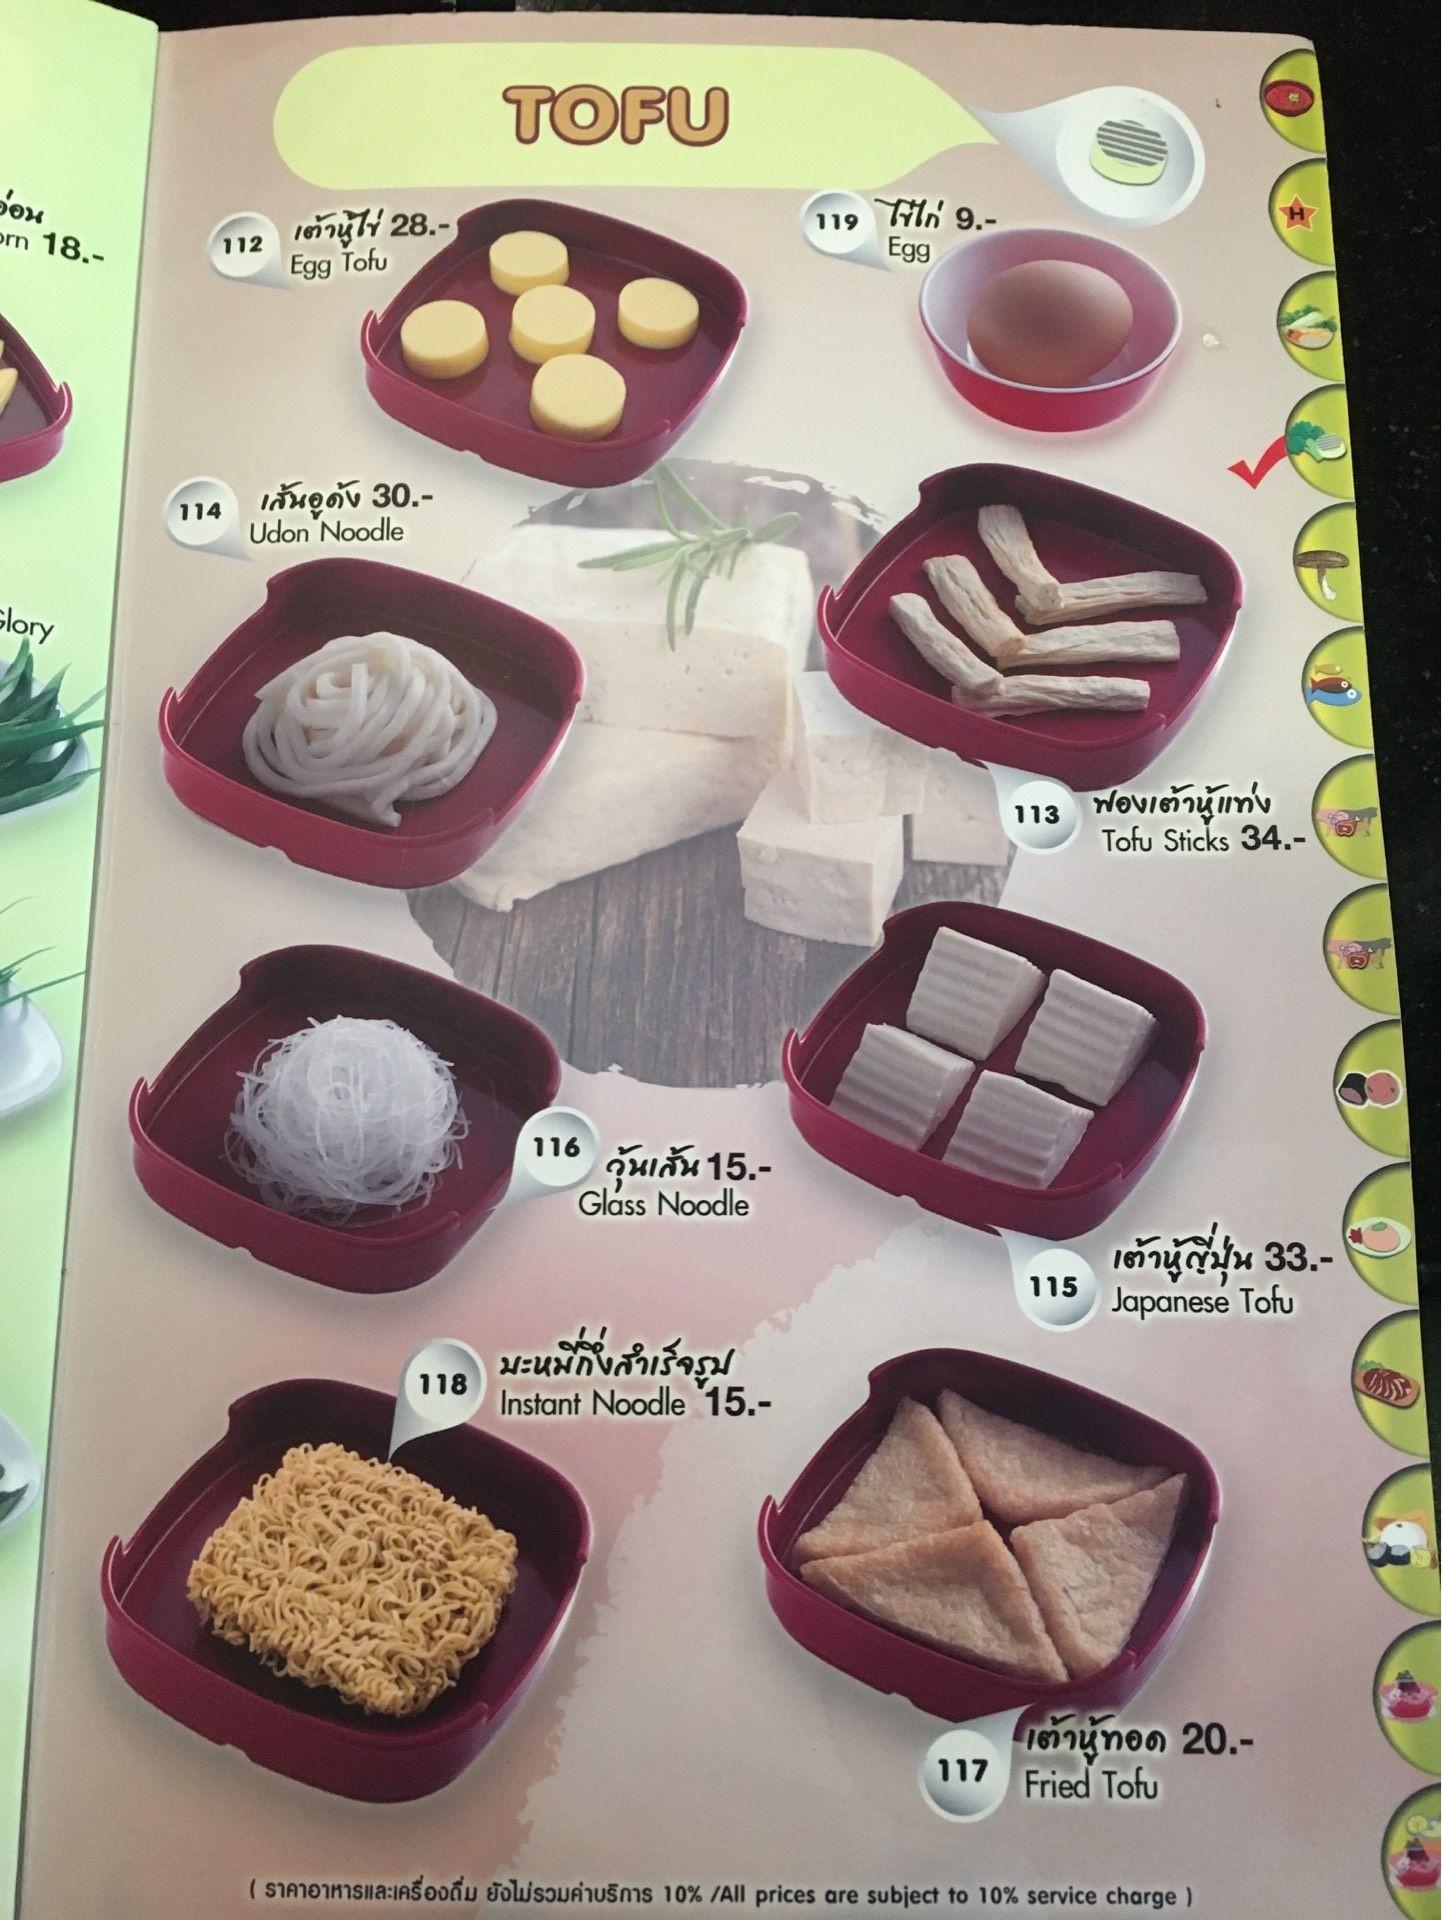 ป้ายราคาหรือสมุดเมนู ที่ ร้านอาหาร Neo Suki เมโทร เวสต์ทาวน์